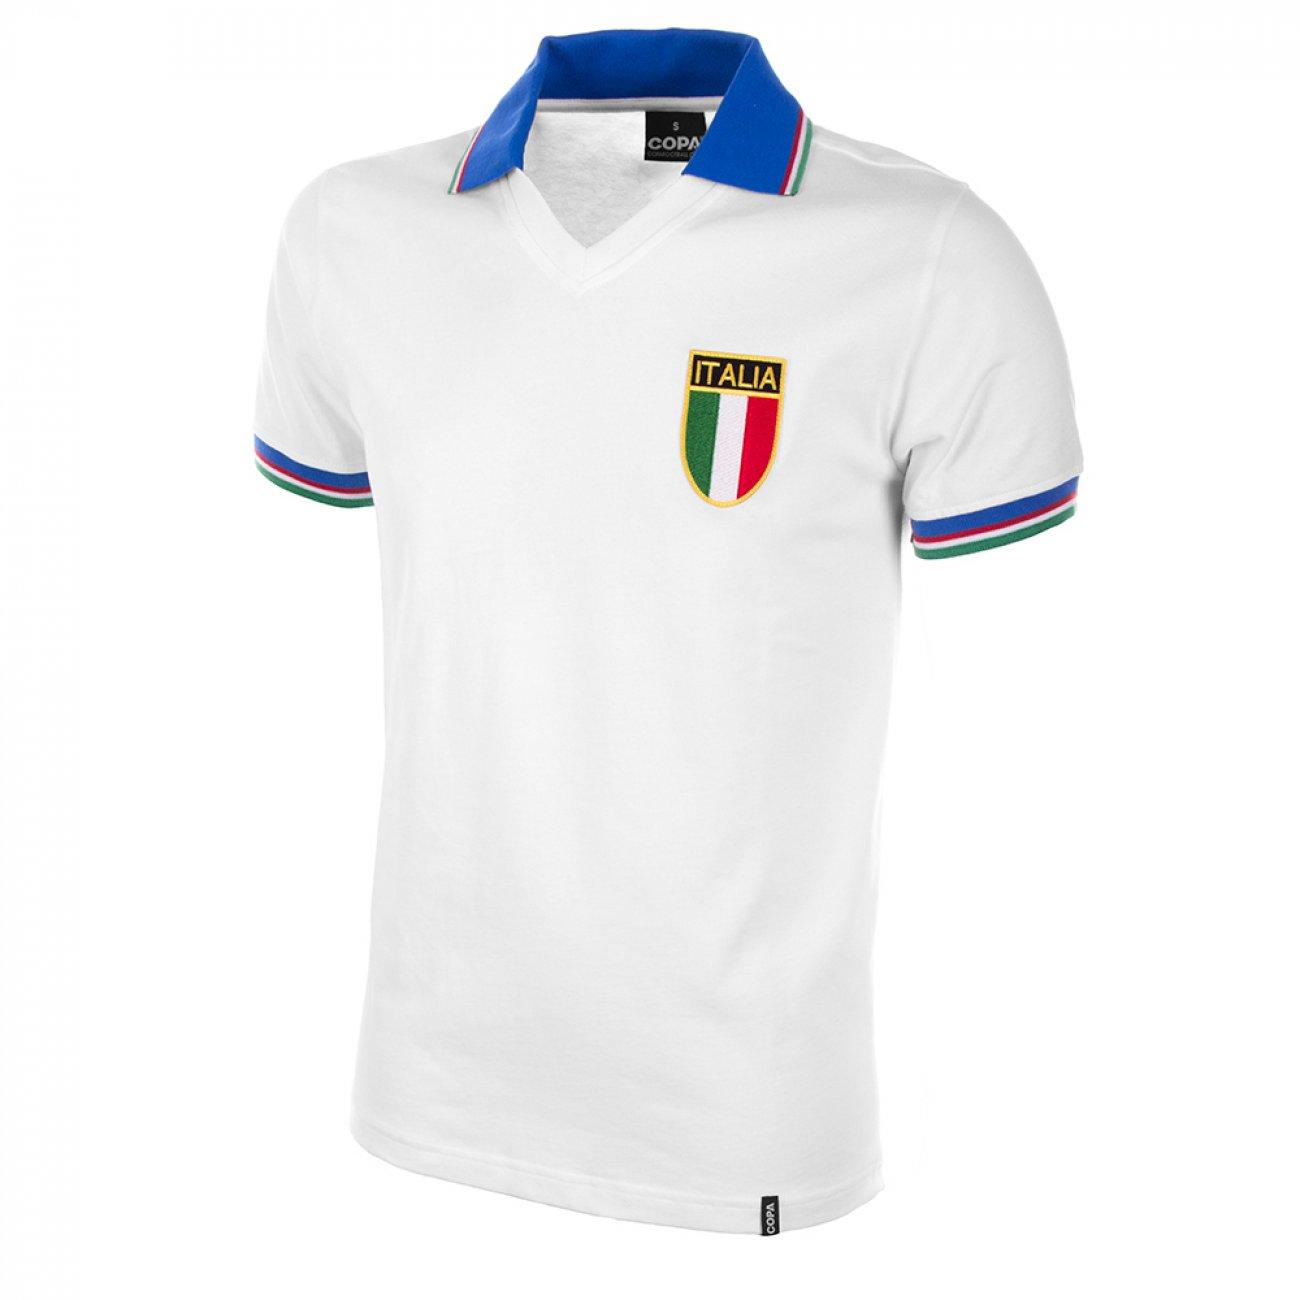 Camiseta Italia 1982 Visitante